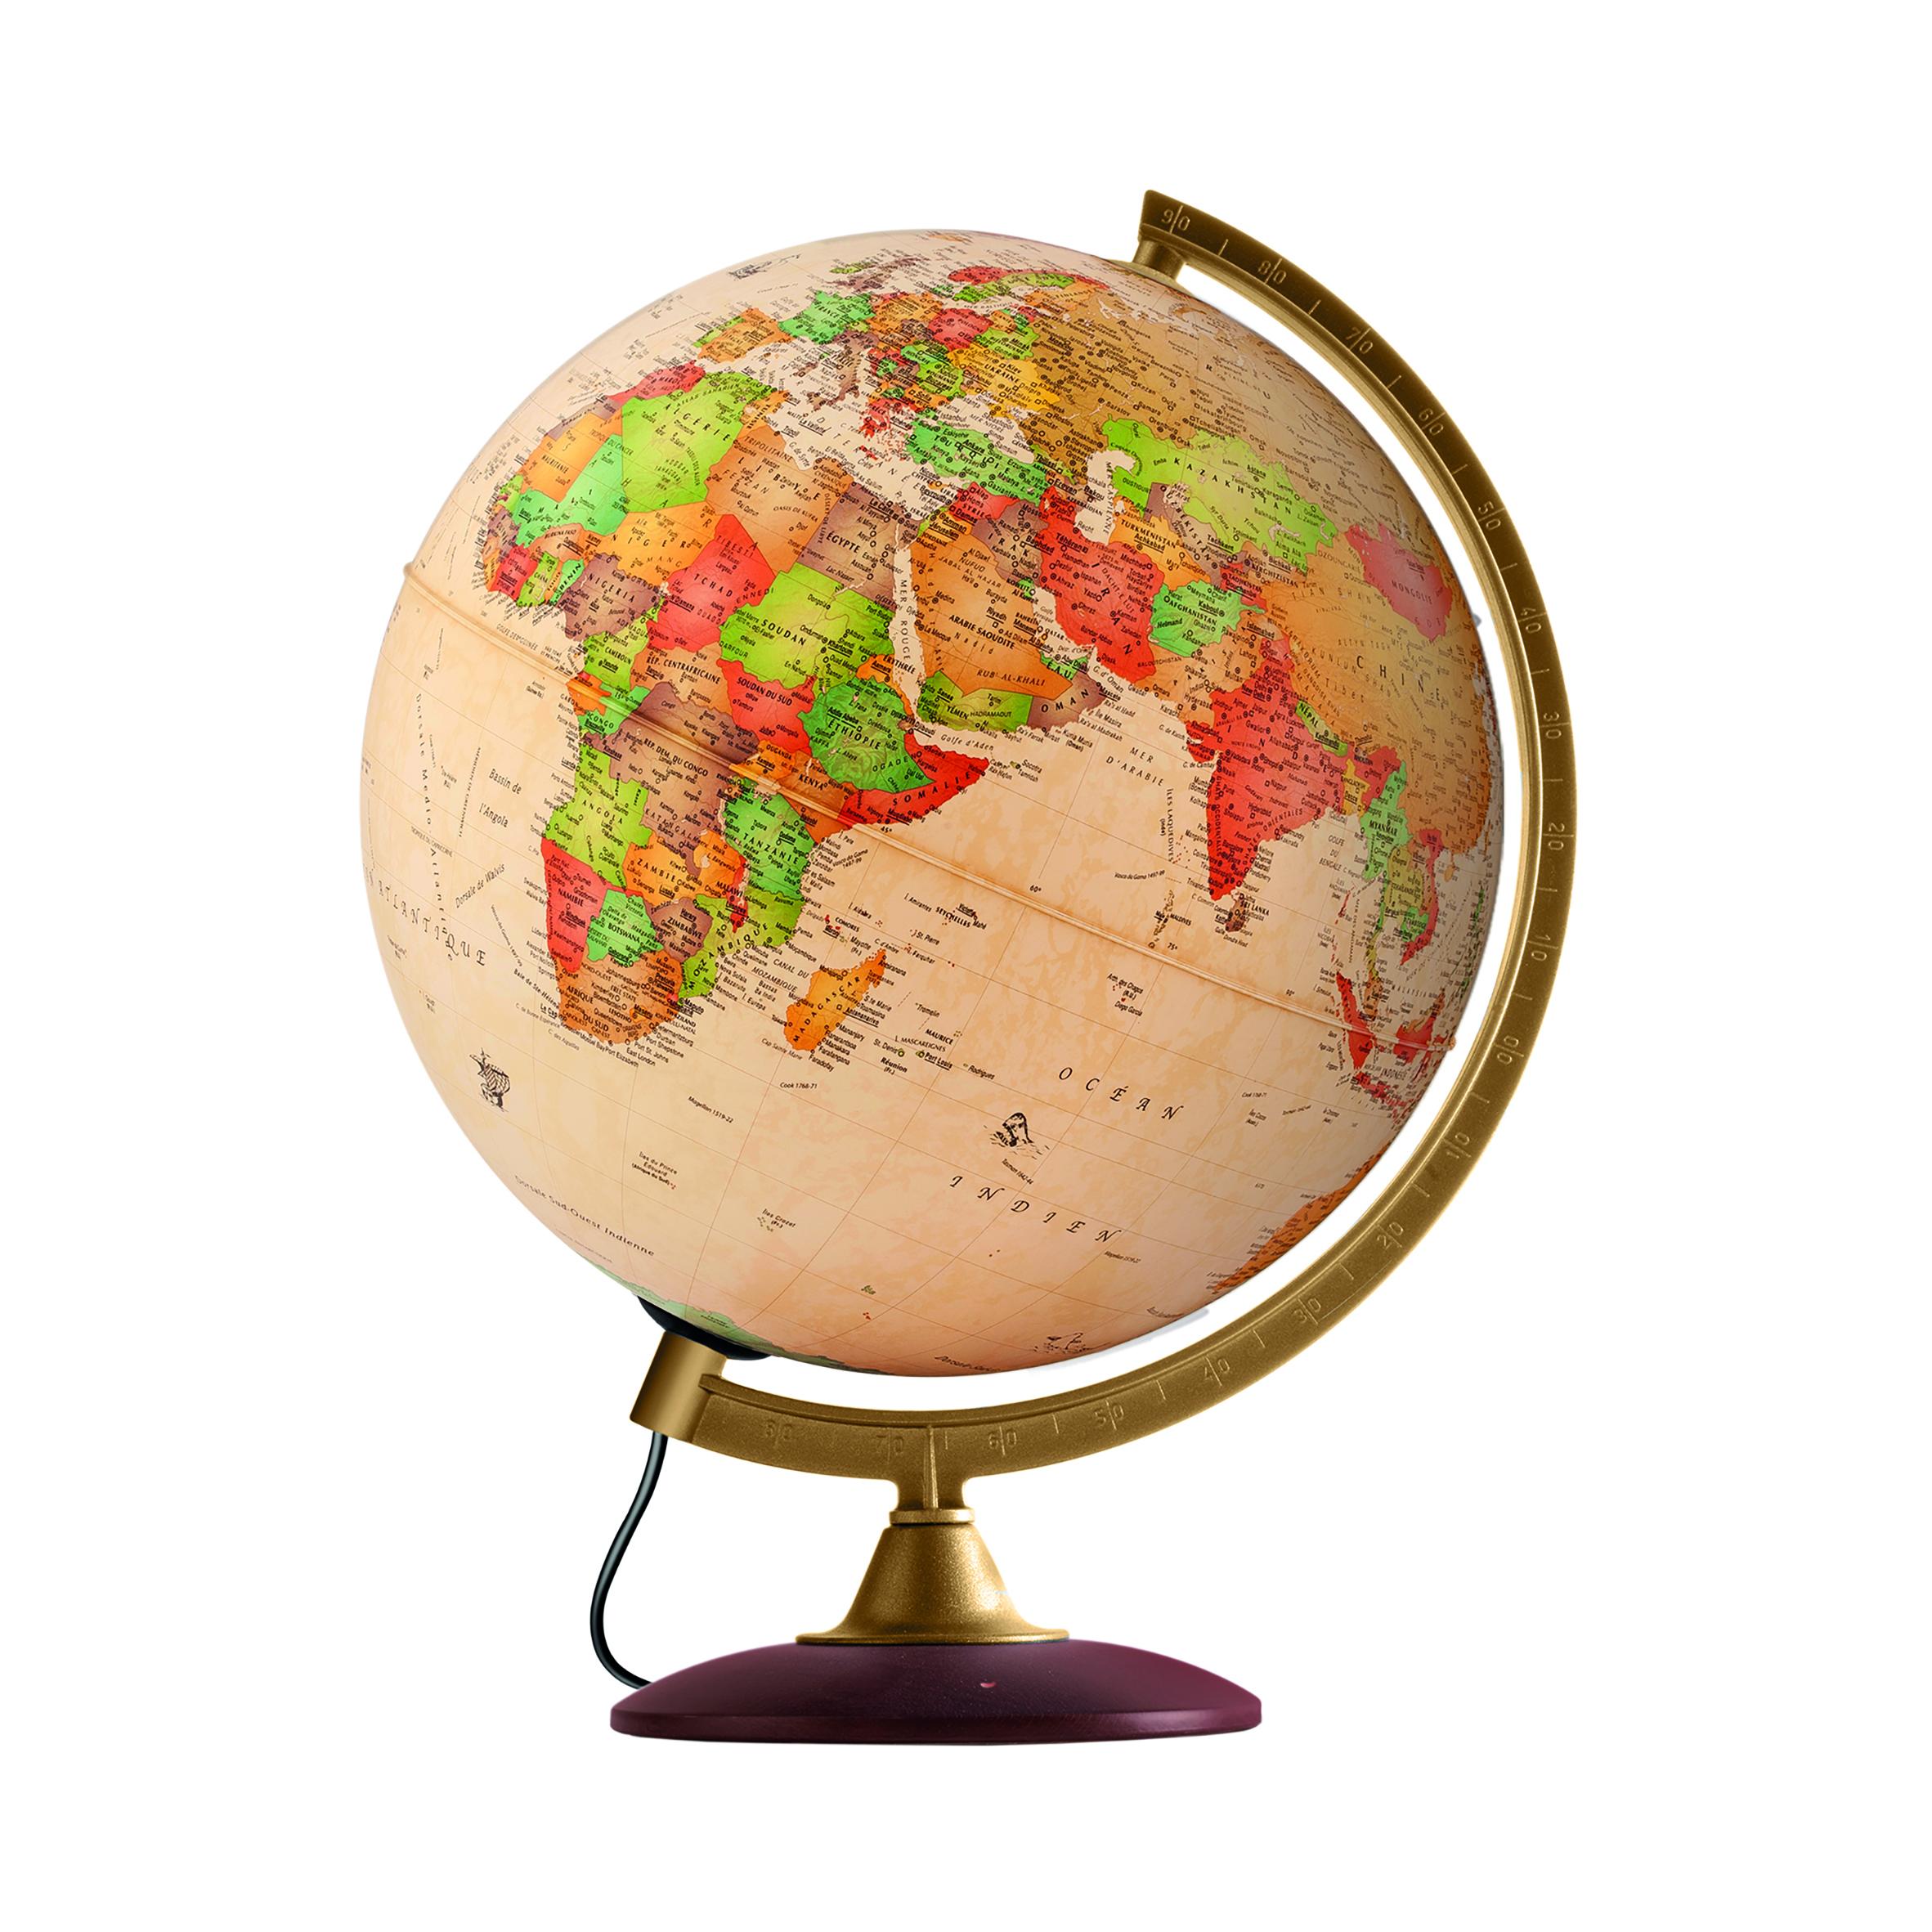 COLOMBO 30 - Globe terrestre, antique, lumineux, textes en français